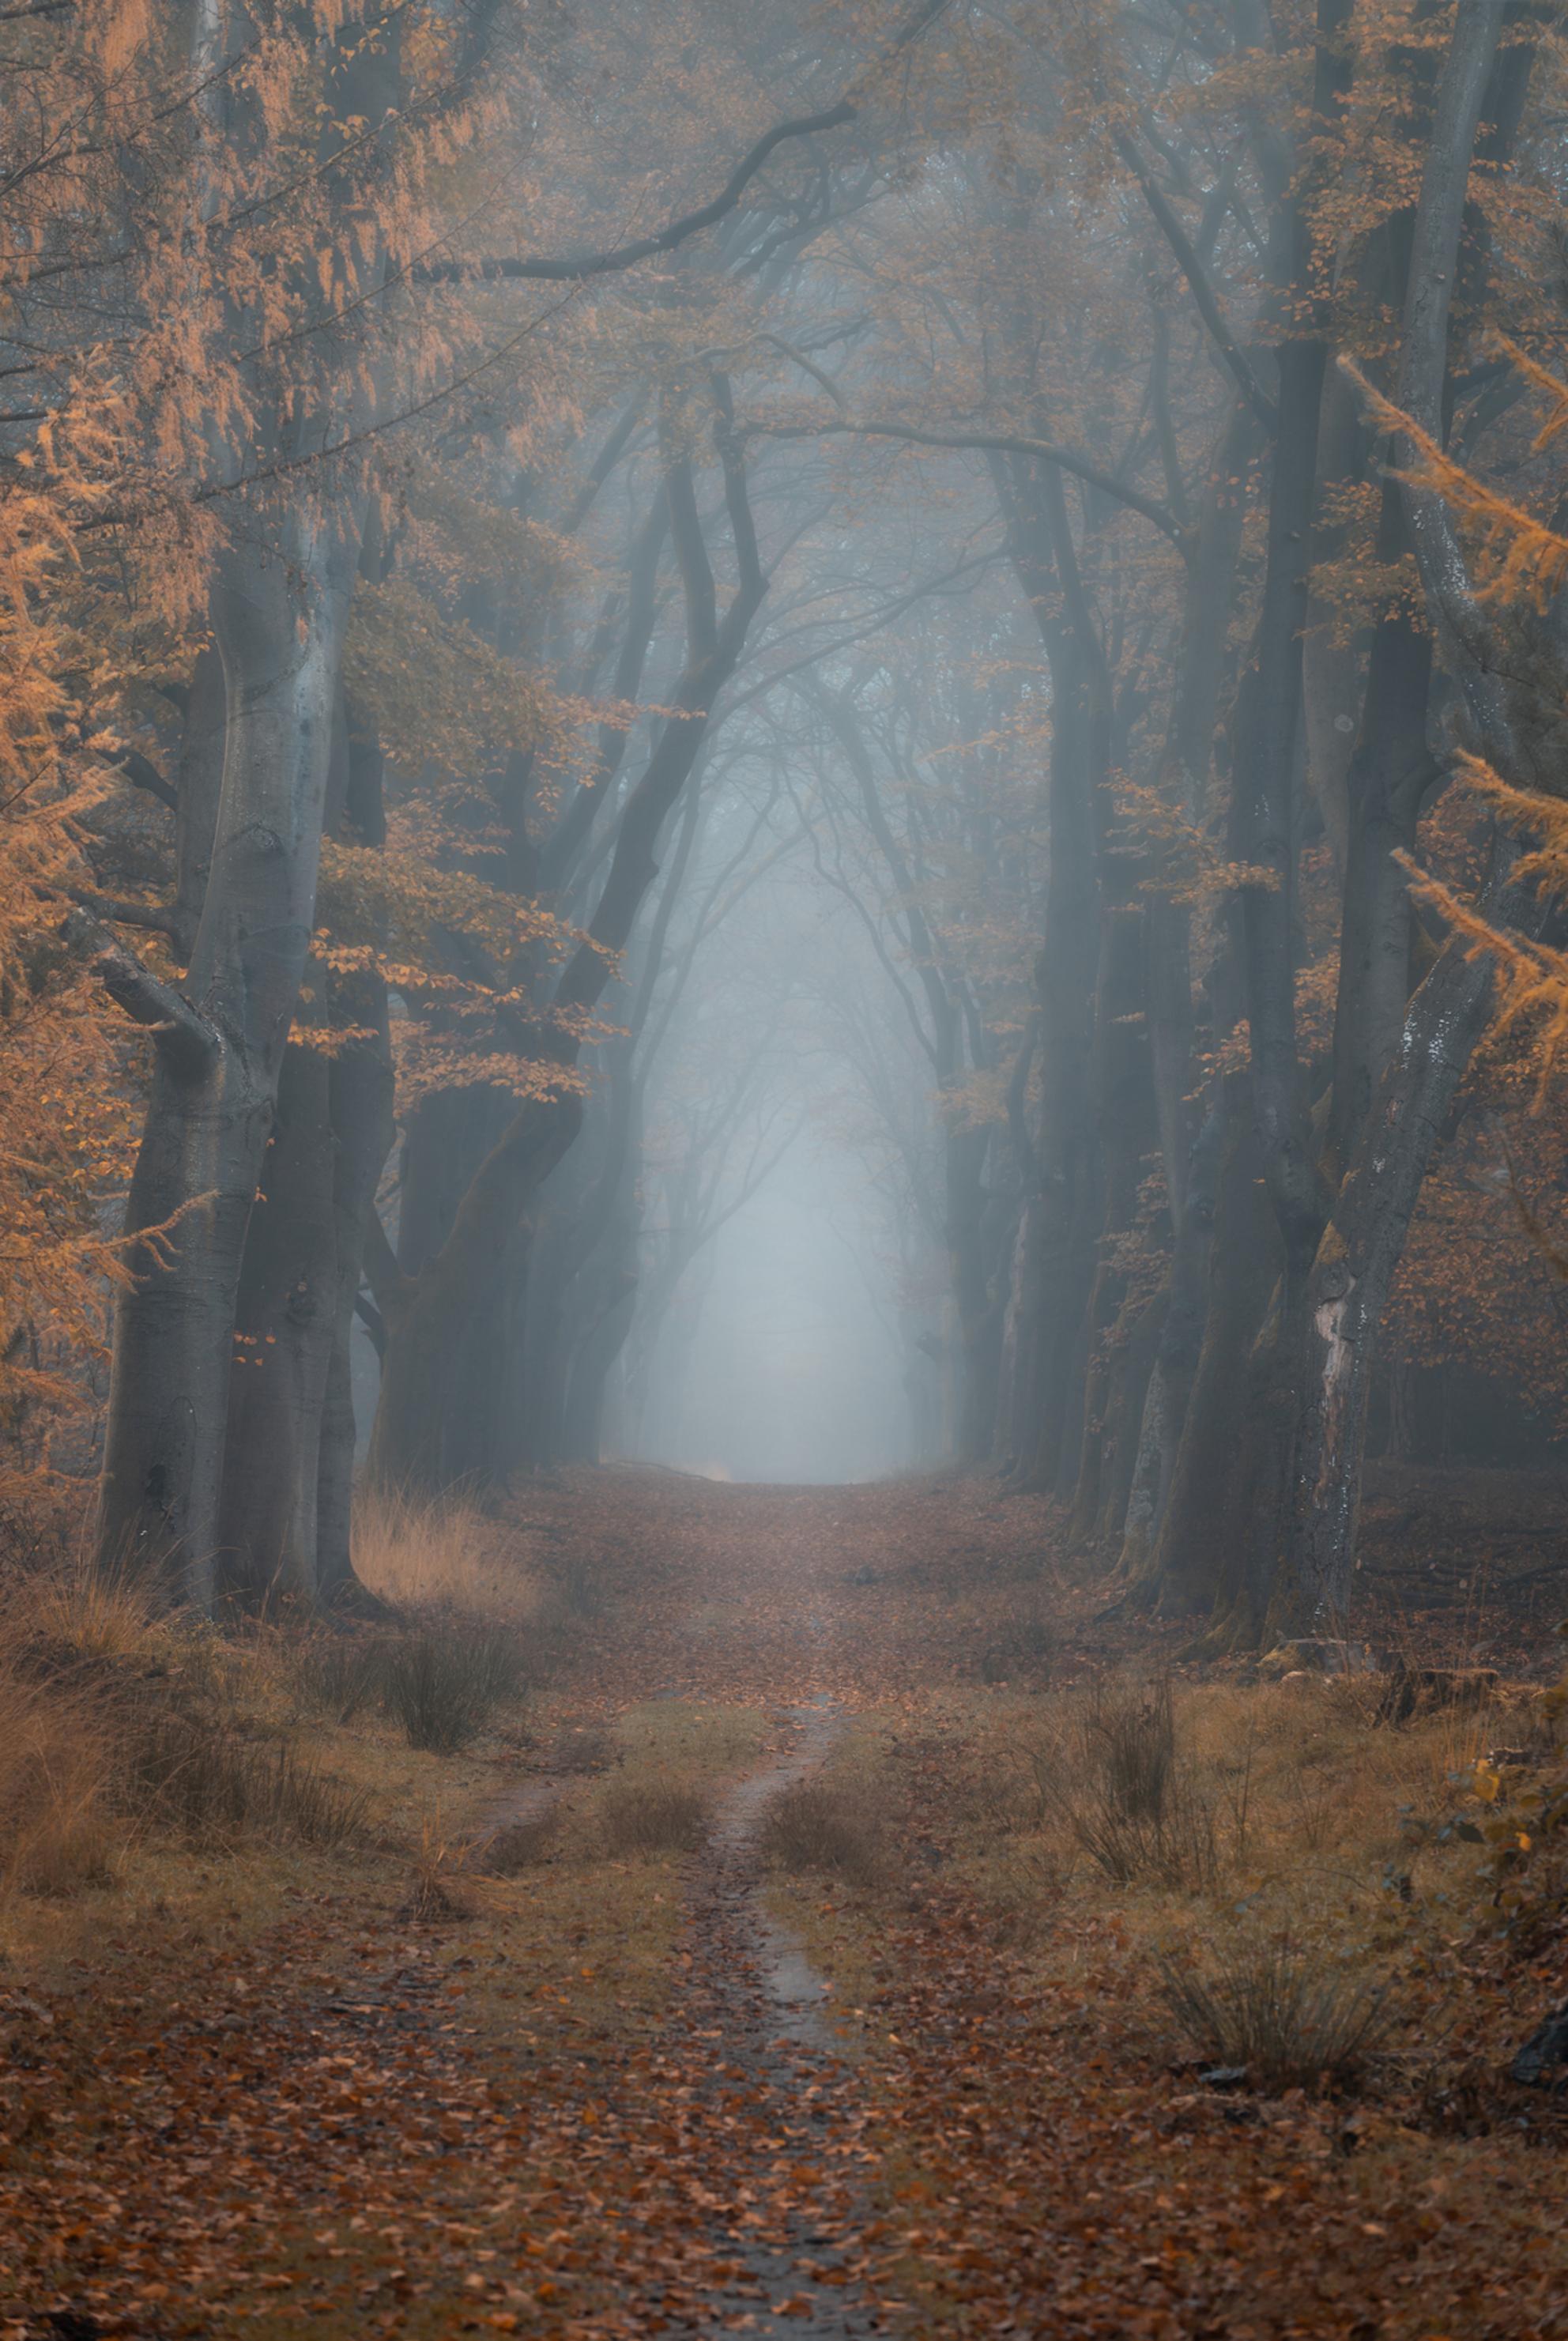 Misty Lane 3 - - - foto door renevierhuis op 26-11-2020 - deze foto bevat: natuur, licht, herfst, landschap, mist, bos, zonsopkomst, bomen